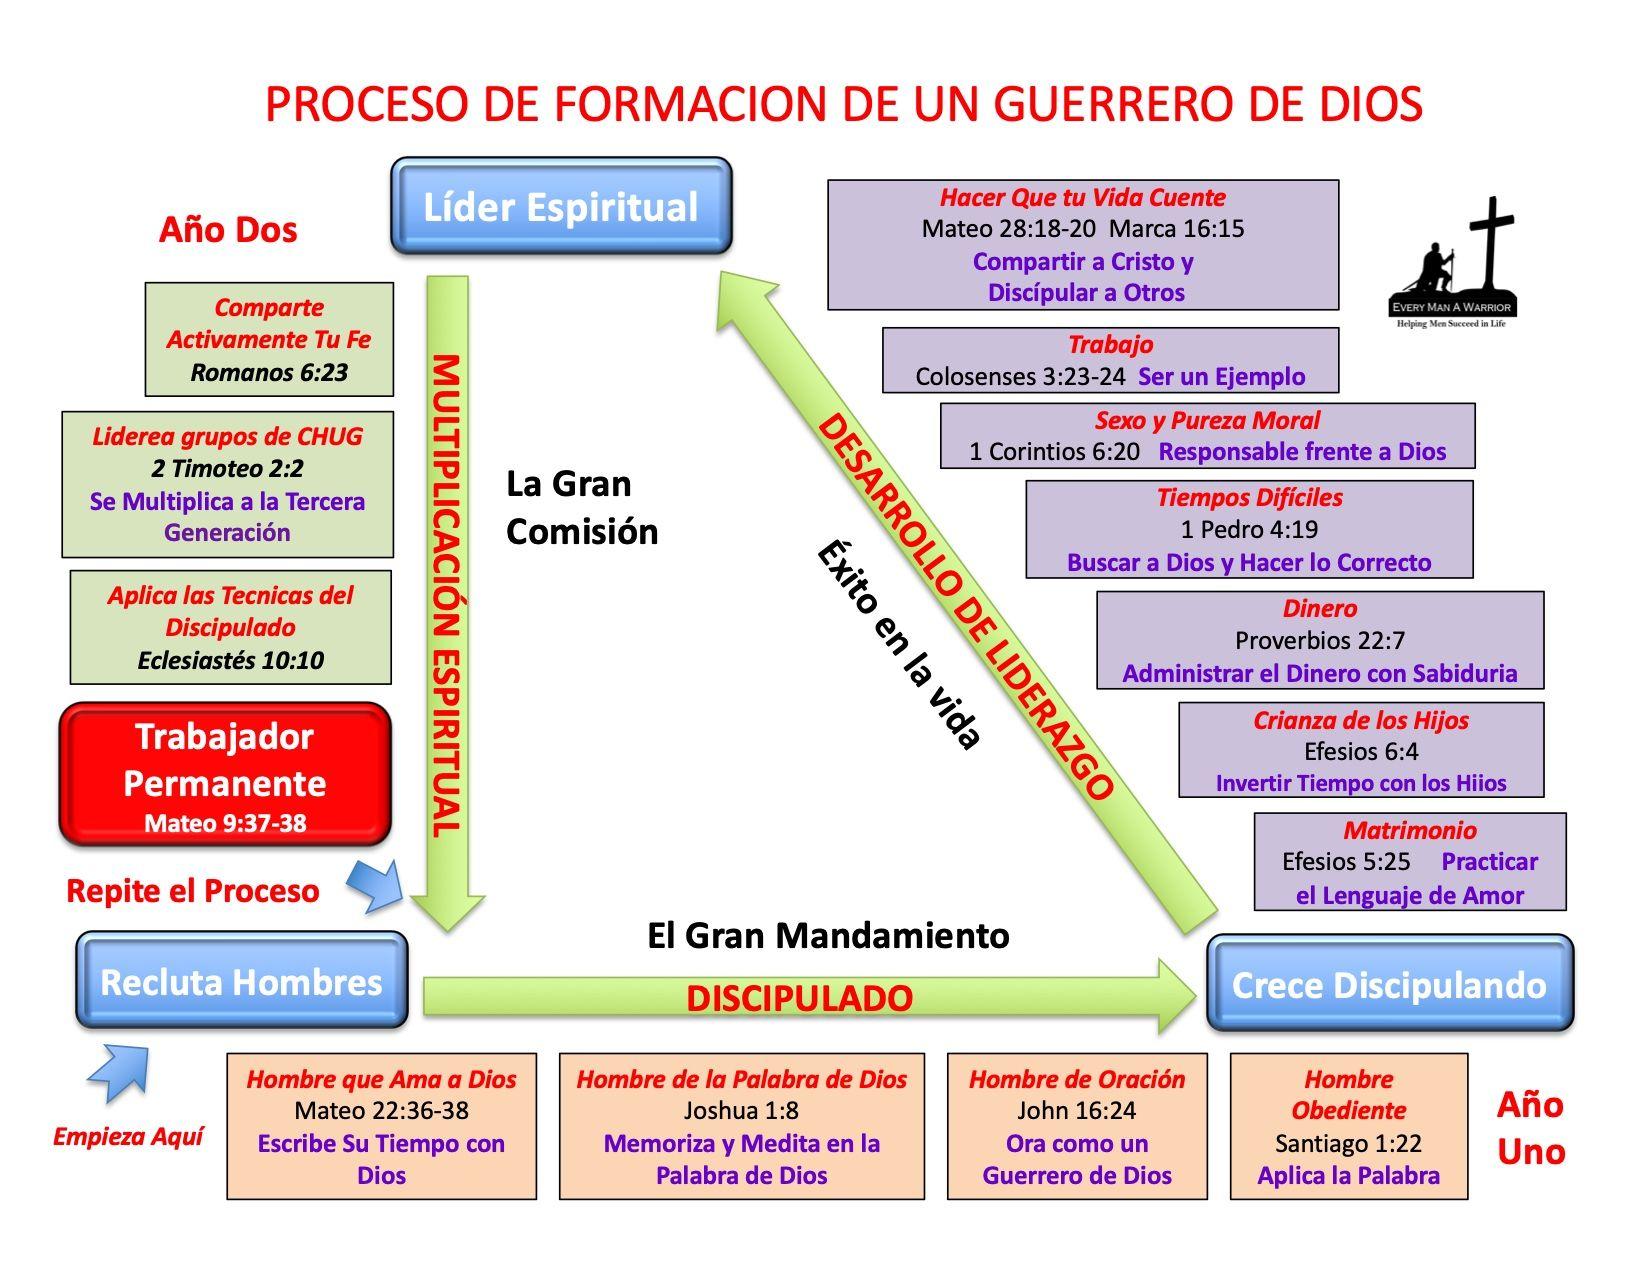 Proceso de Formación de un Guerrero de Dios